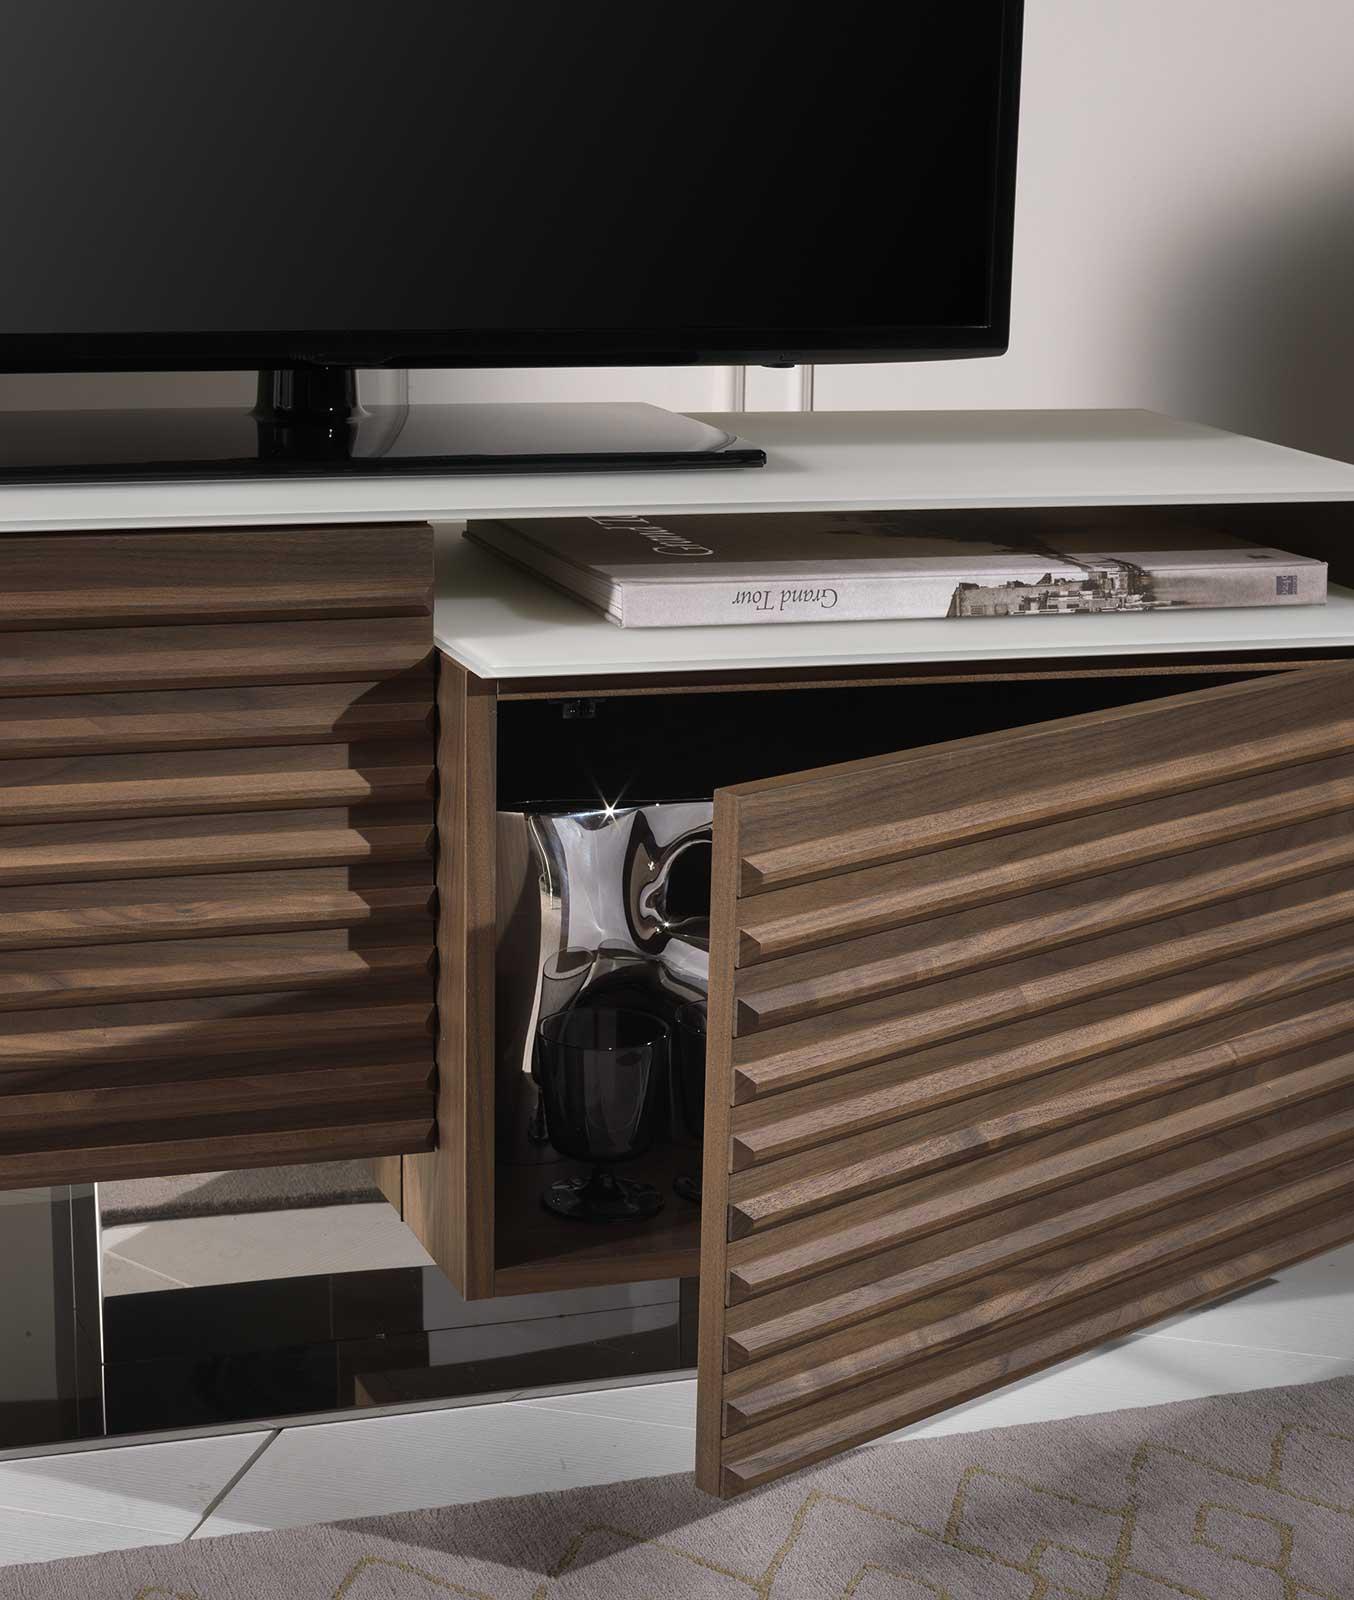 Porte-tv en bois et verre tournant. Achetez nos meubles hauts de gamme realisés artisanalement en italie. Découvrez notre boutique en ligne de meubles design.